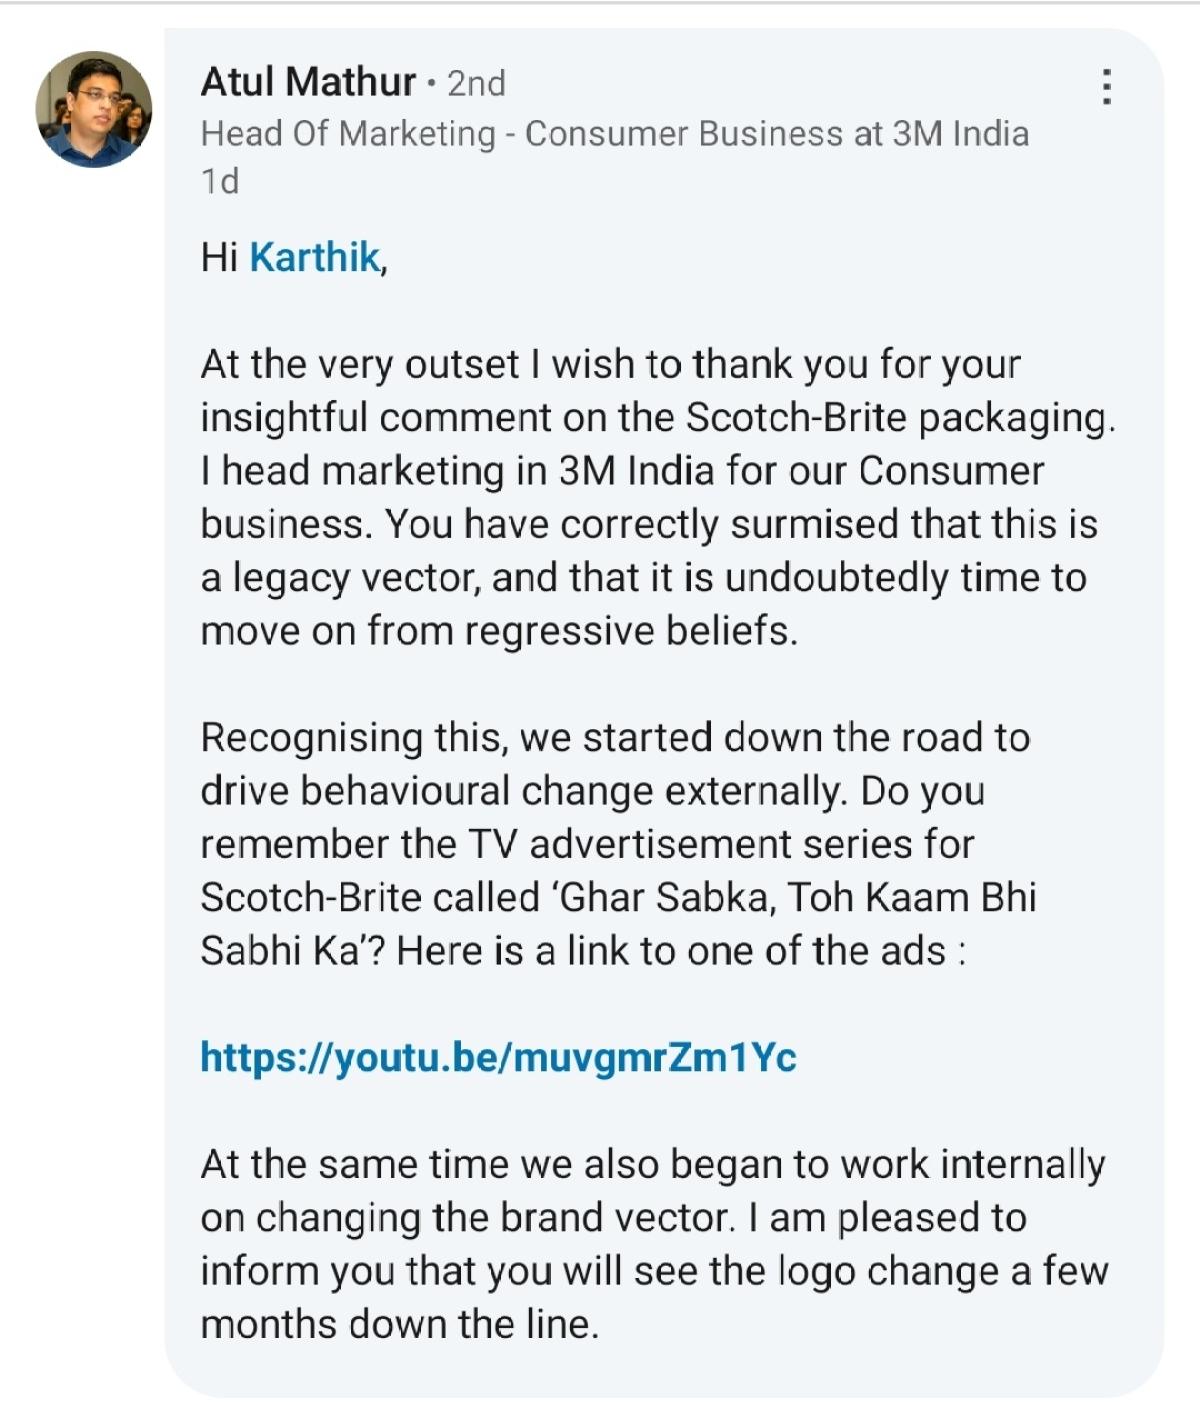 Atul Mathur's response